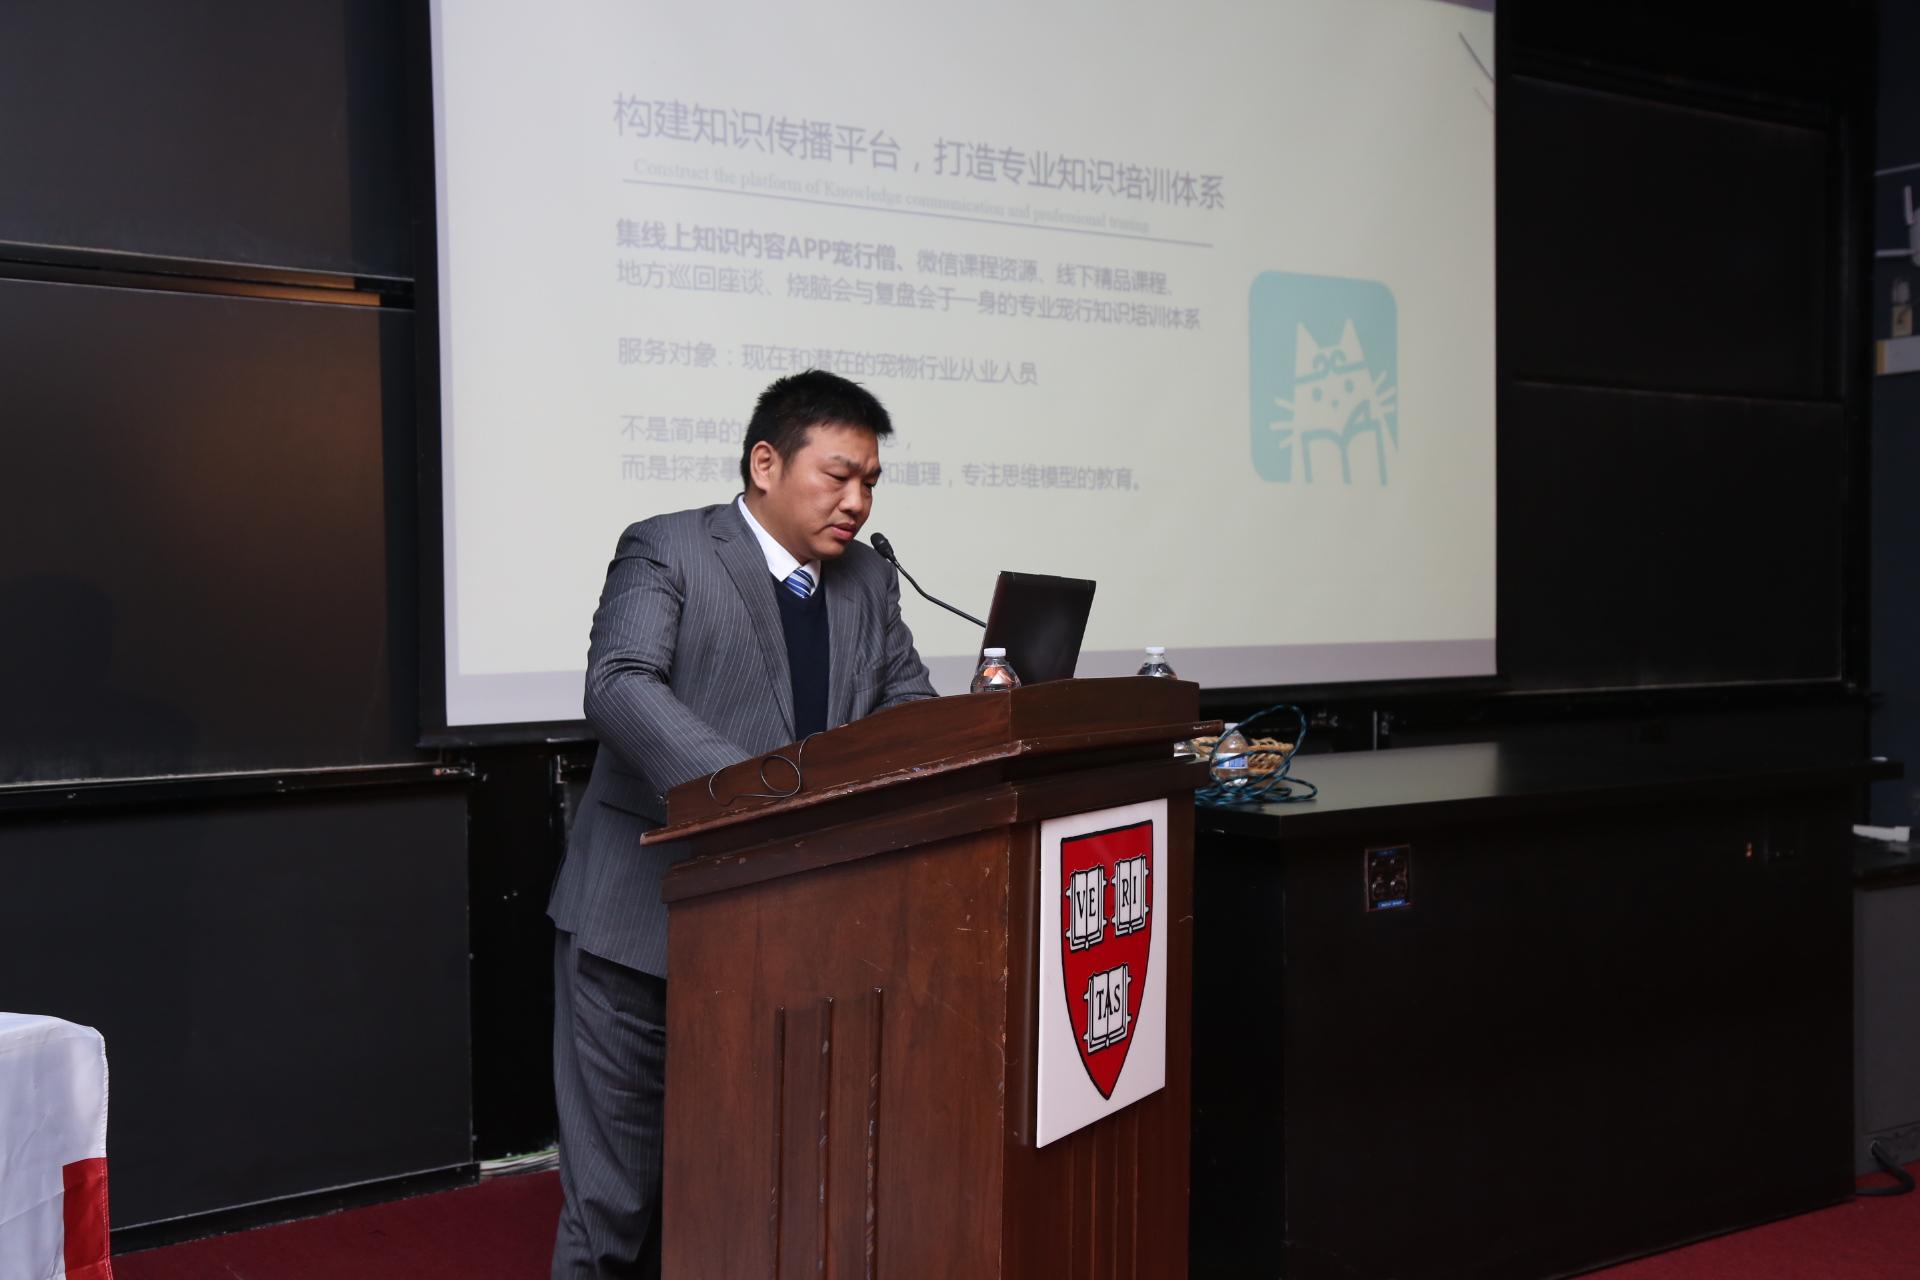 要打造中国版的PetSmart:首届中美宠物经济蓝海创新论坛成果之四